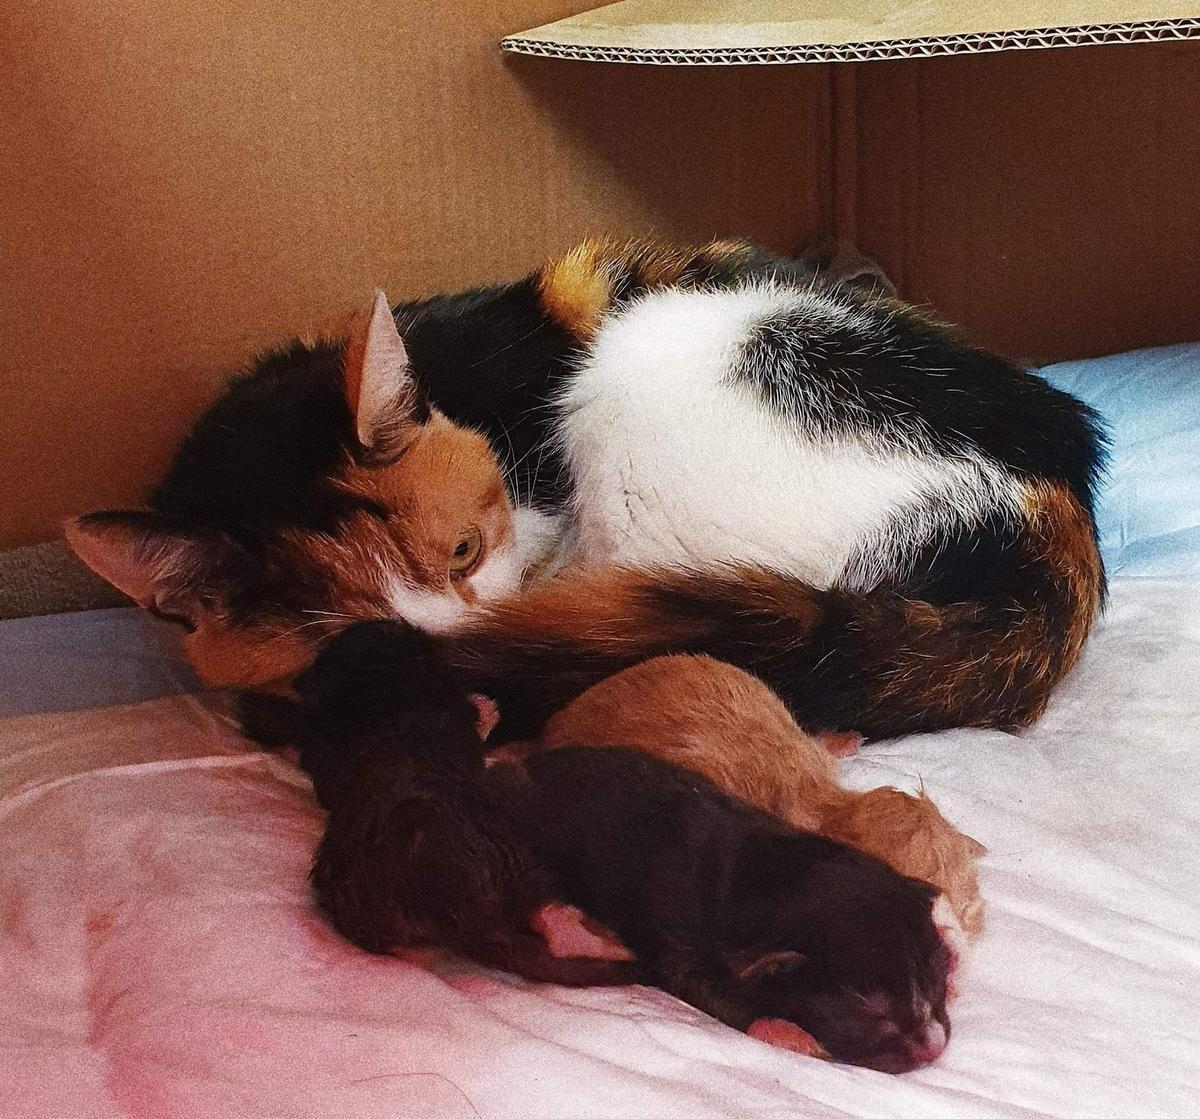 De moederpoes werd verenigd met kittens.